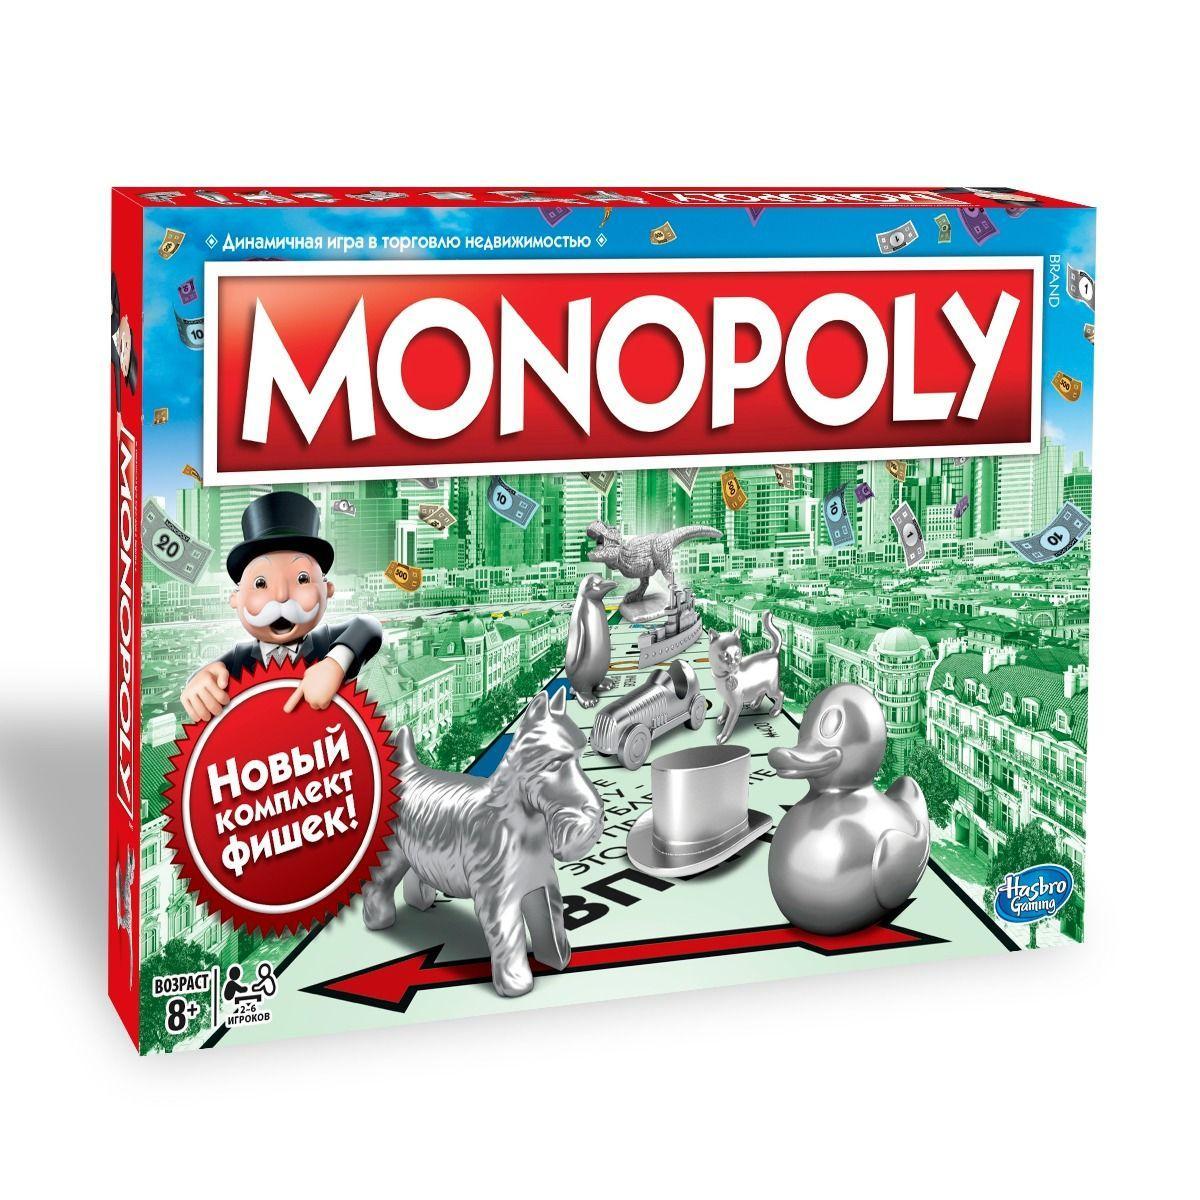 Классическая Монополия.Обновленная